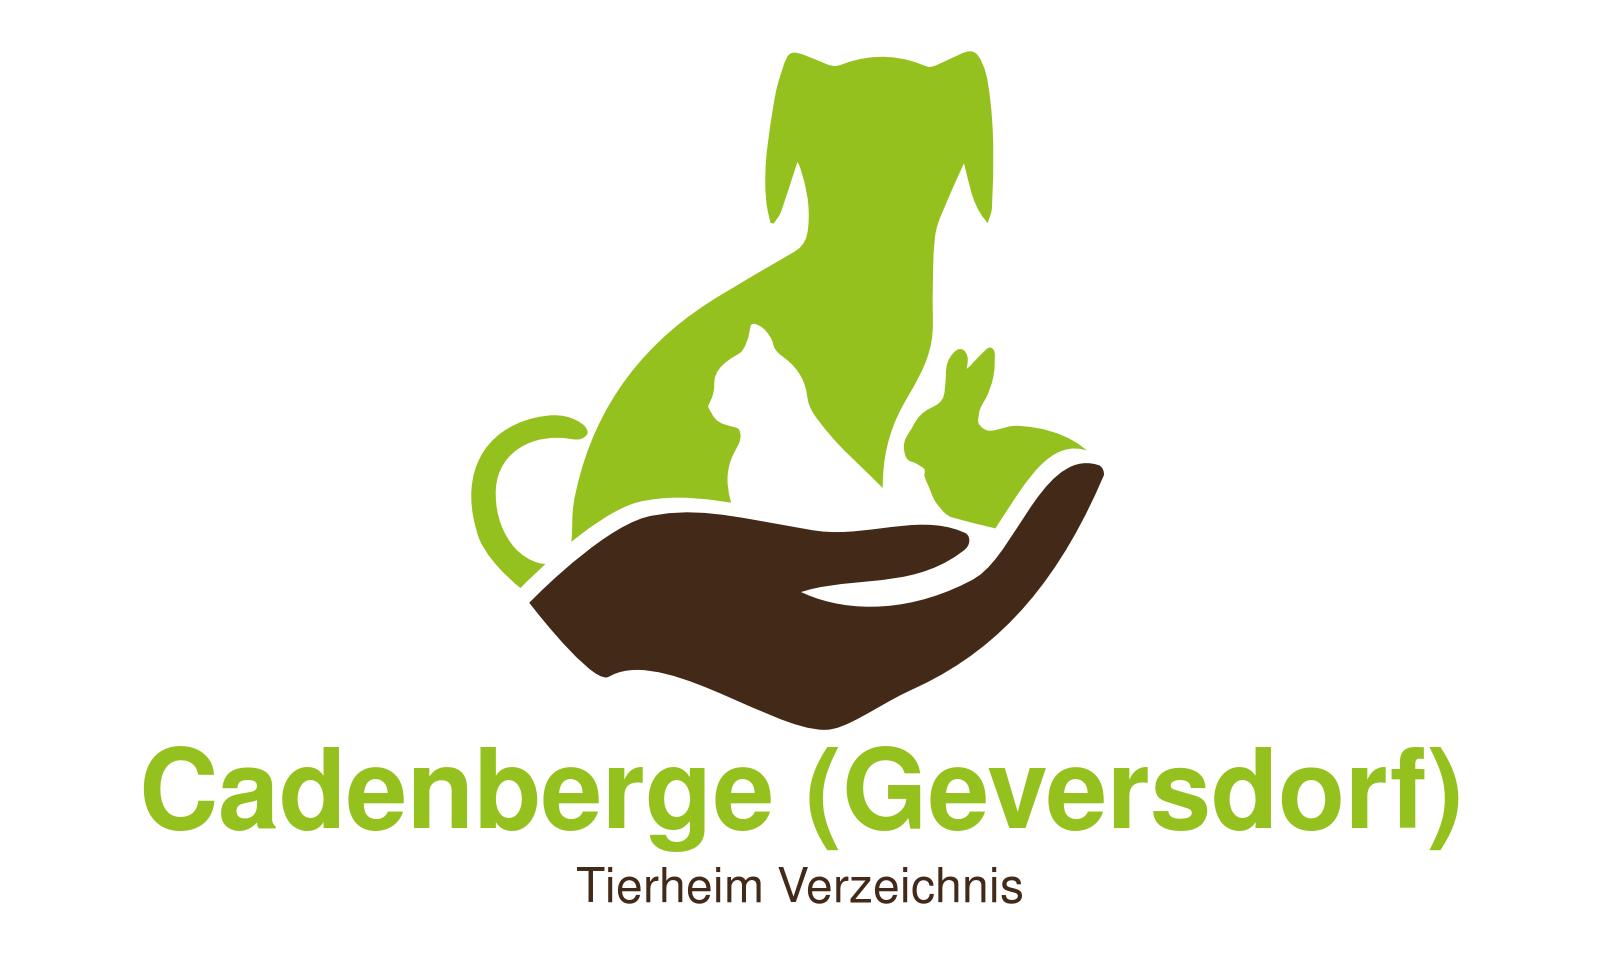 Tierheim Cadenberge (Geversdorf)